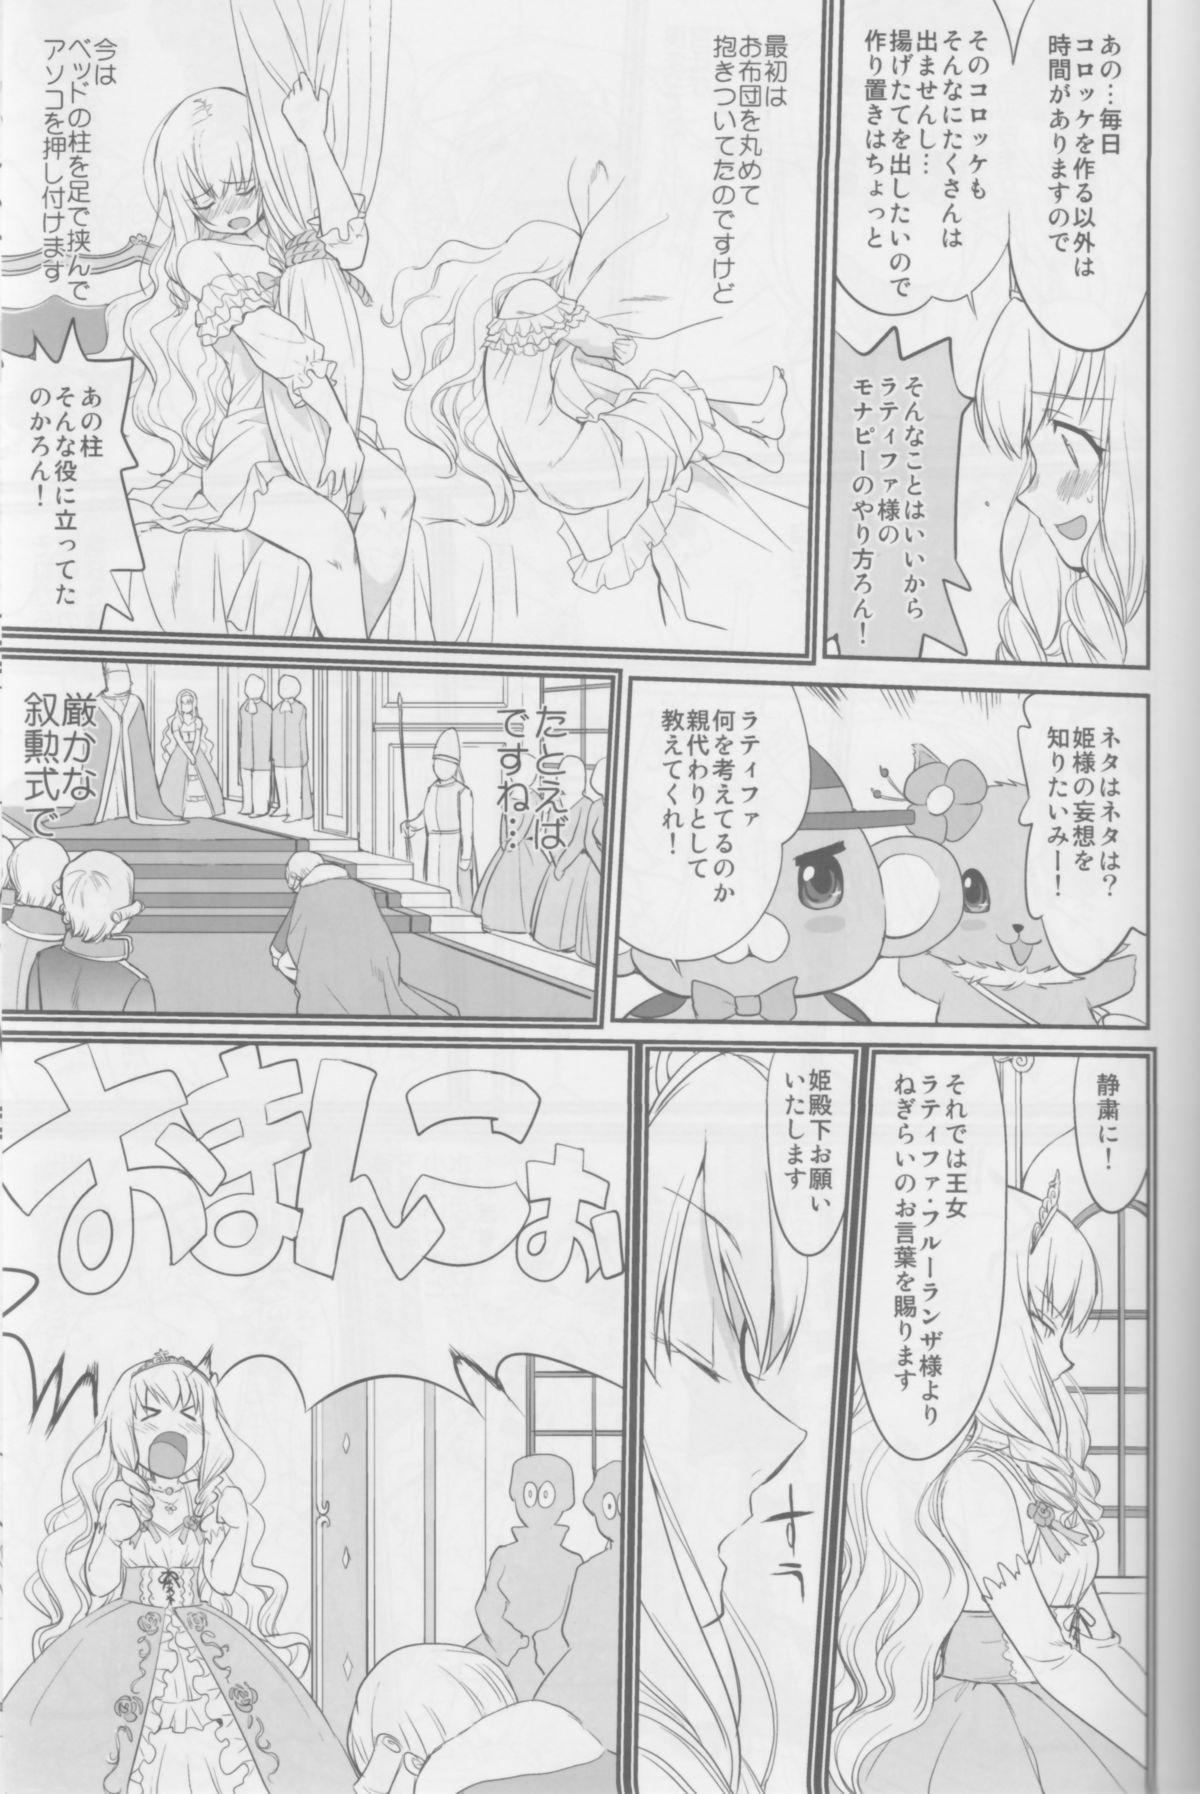 Amagi Strip Gekijou 29